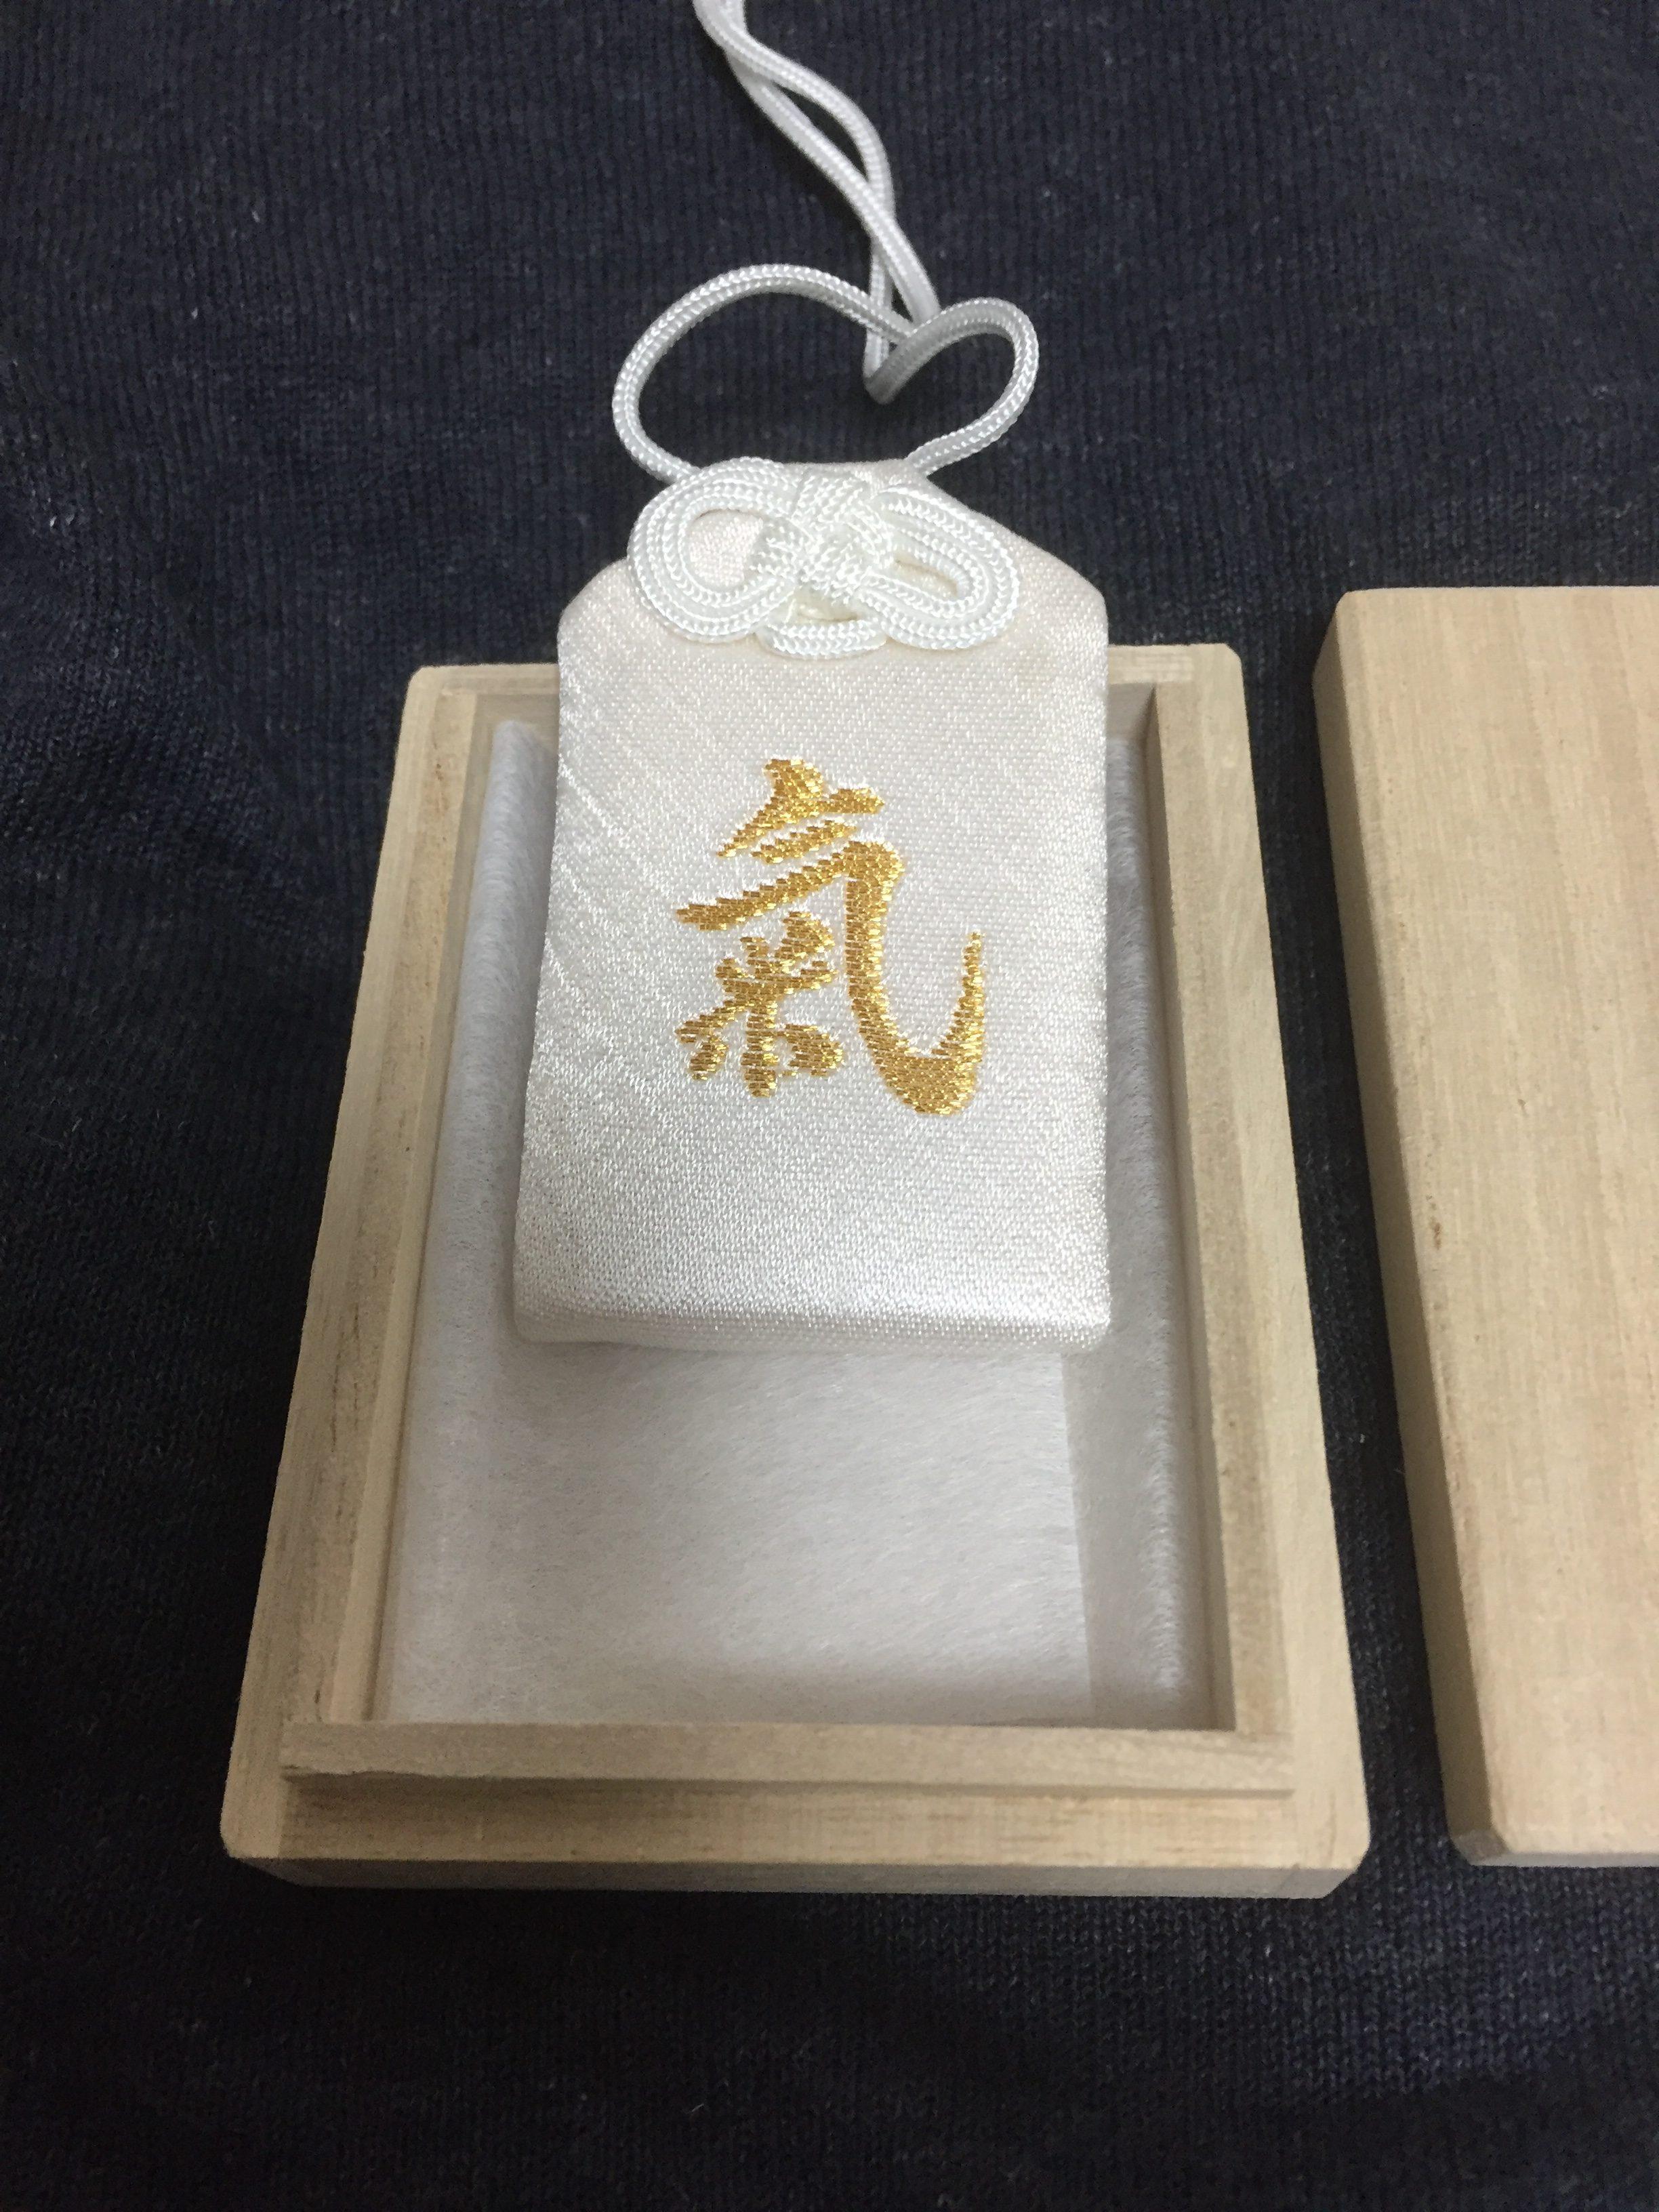 【現在頒布中止】パワースポット三峰神社大人気の白い氣守をあなたは手に入れたか?